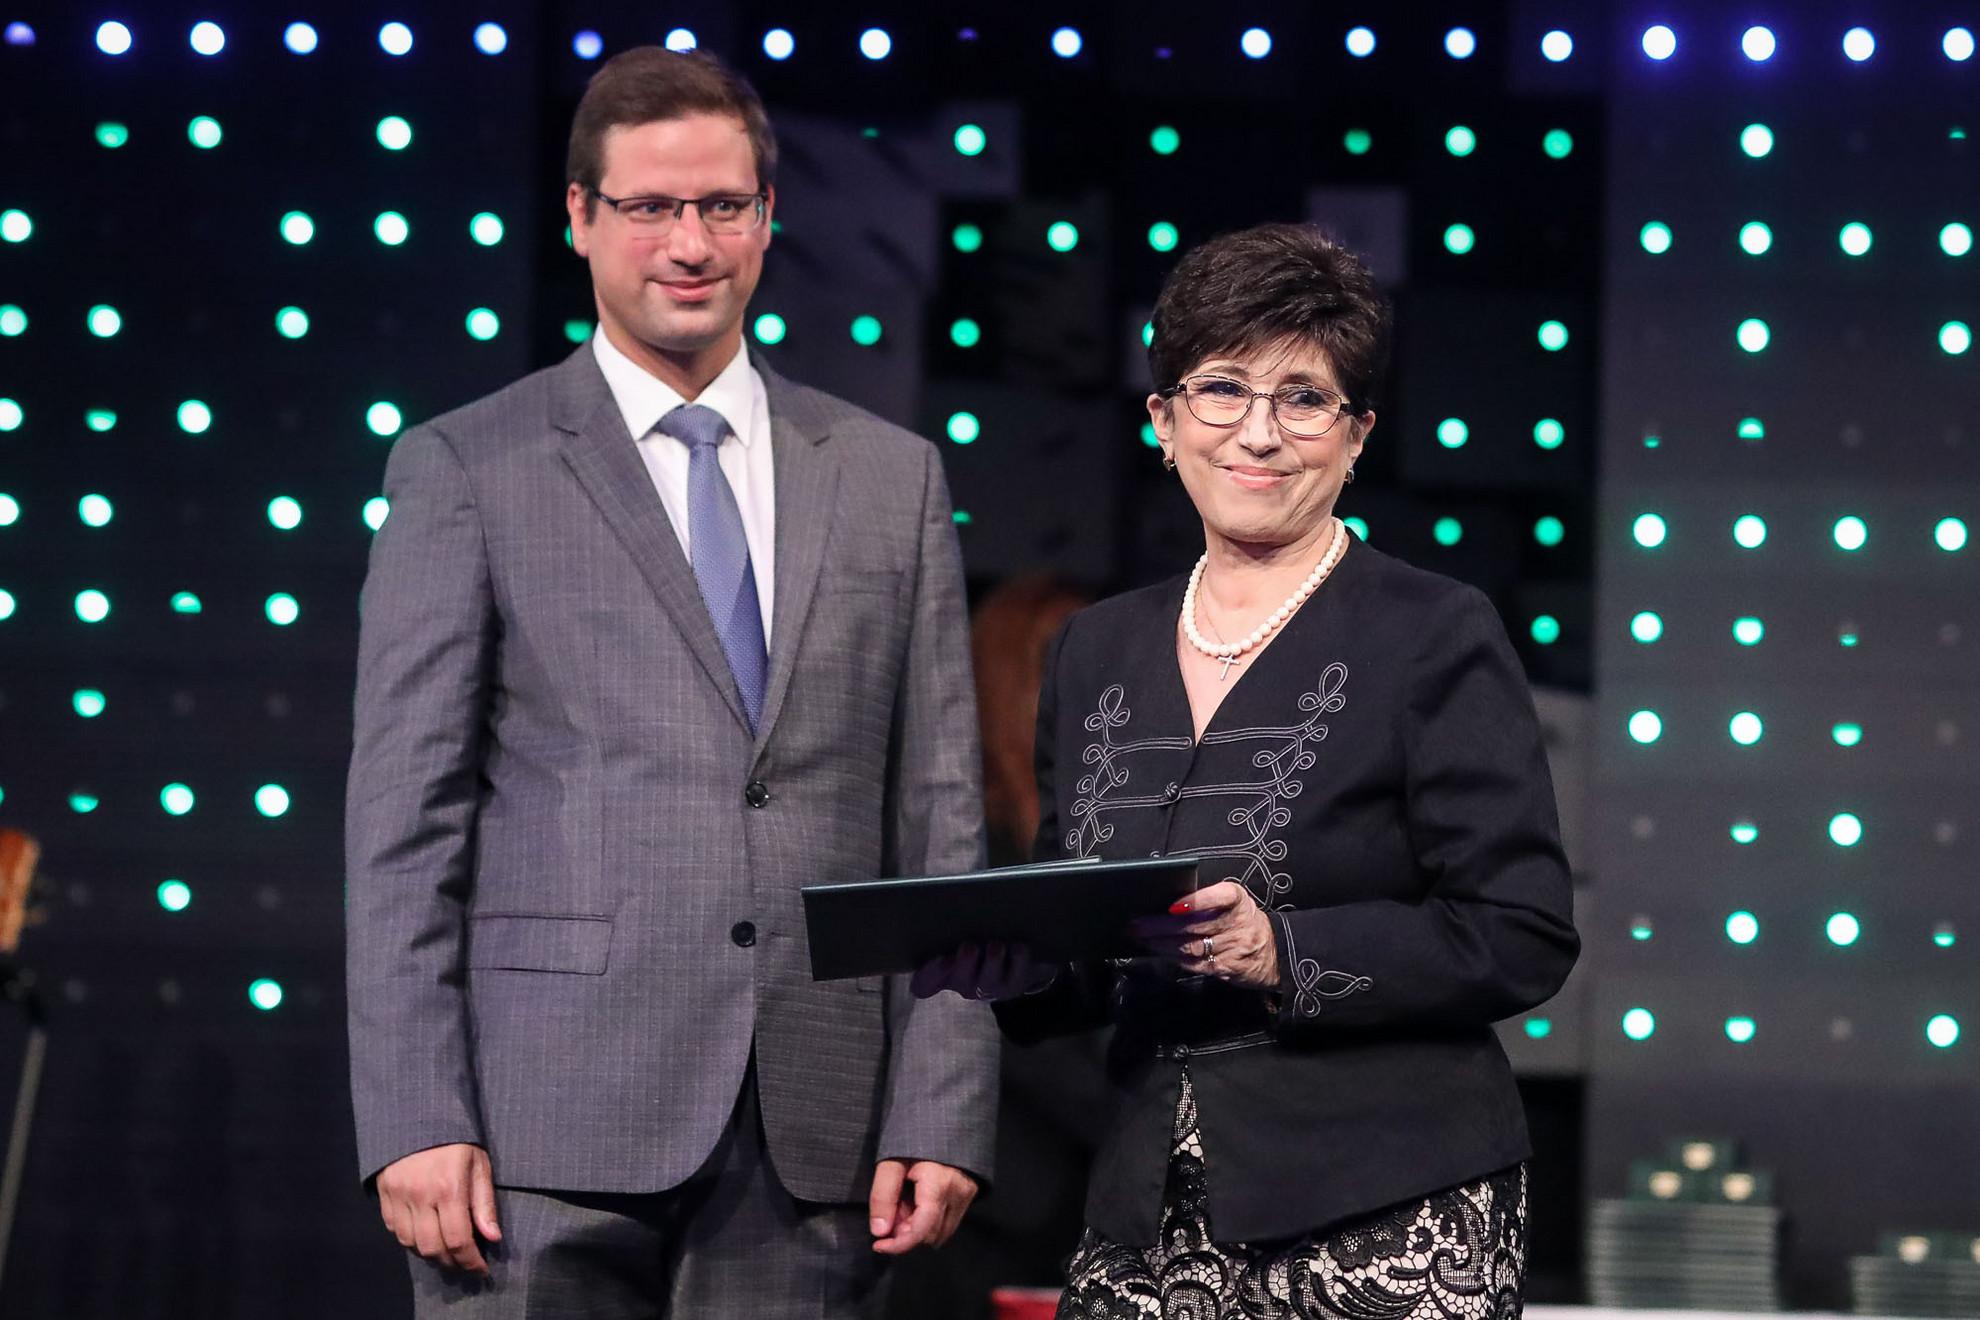 Dr. Bencze Izabella jogászt, a Közszolgálati Közalapítvány Kuratóriumának tagját is kitüntették